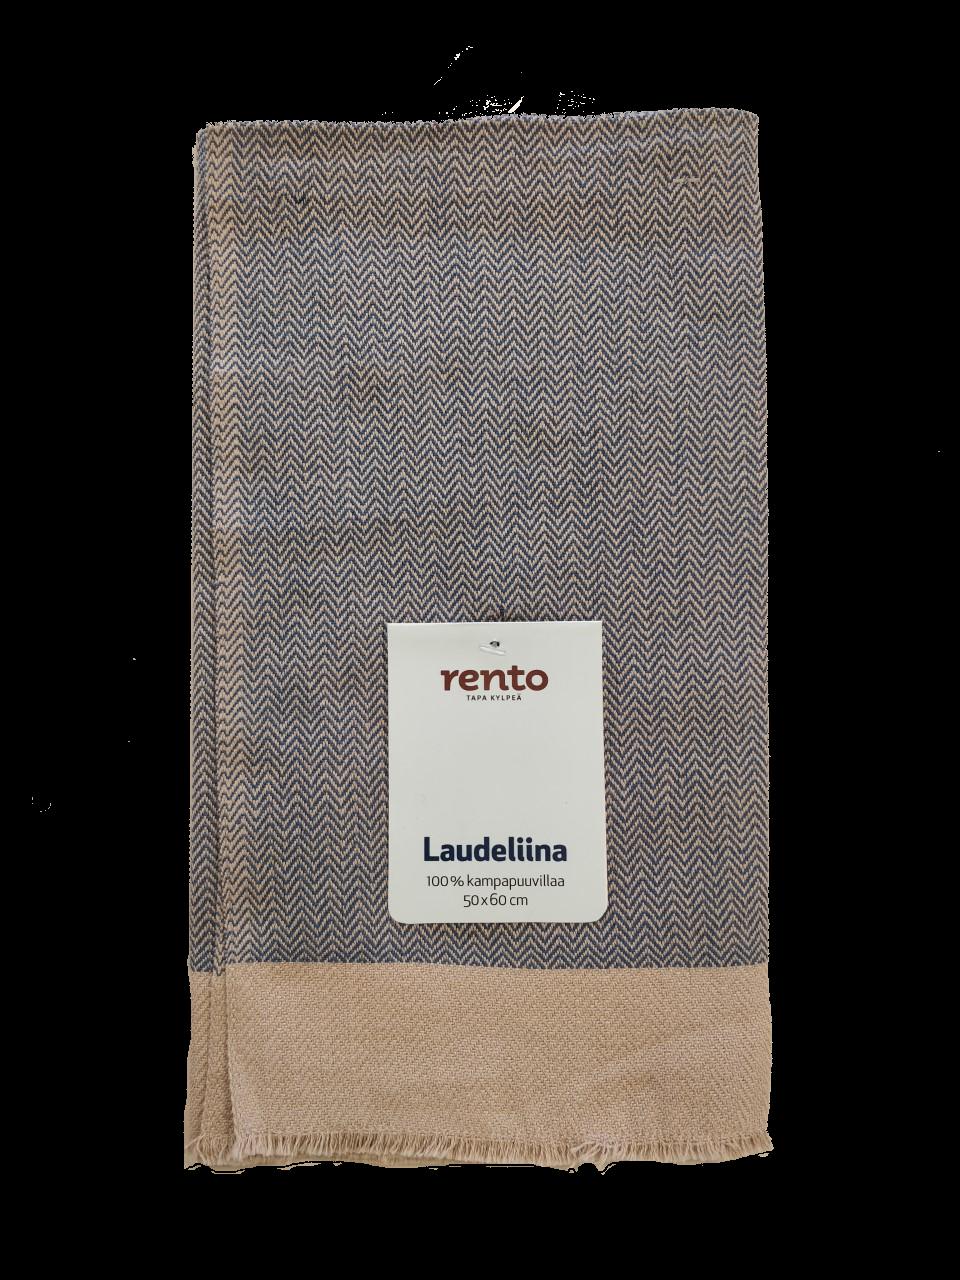 Rento handdoek blauw 50x60 cm